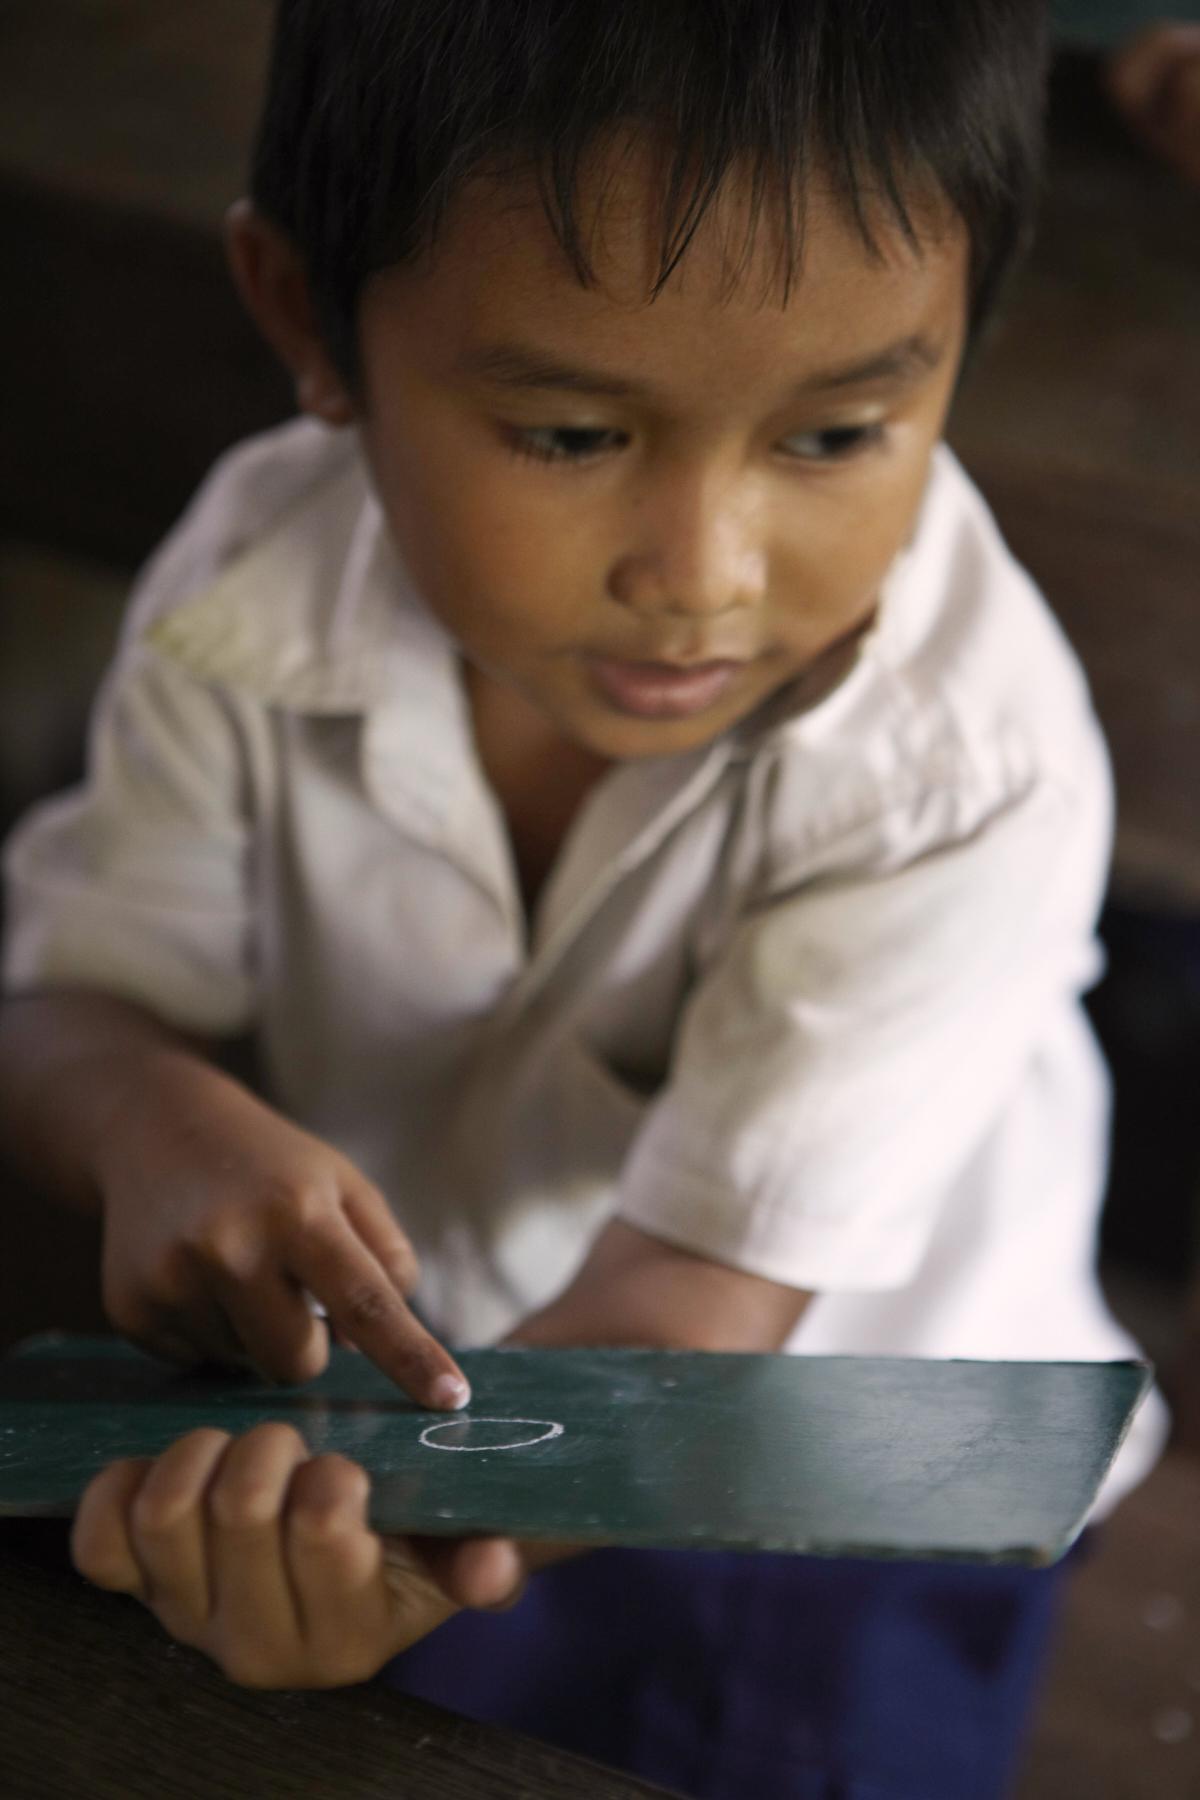 cushner_R2R_cambodia2010-2010156-2.jpg